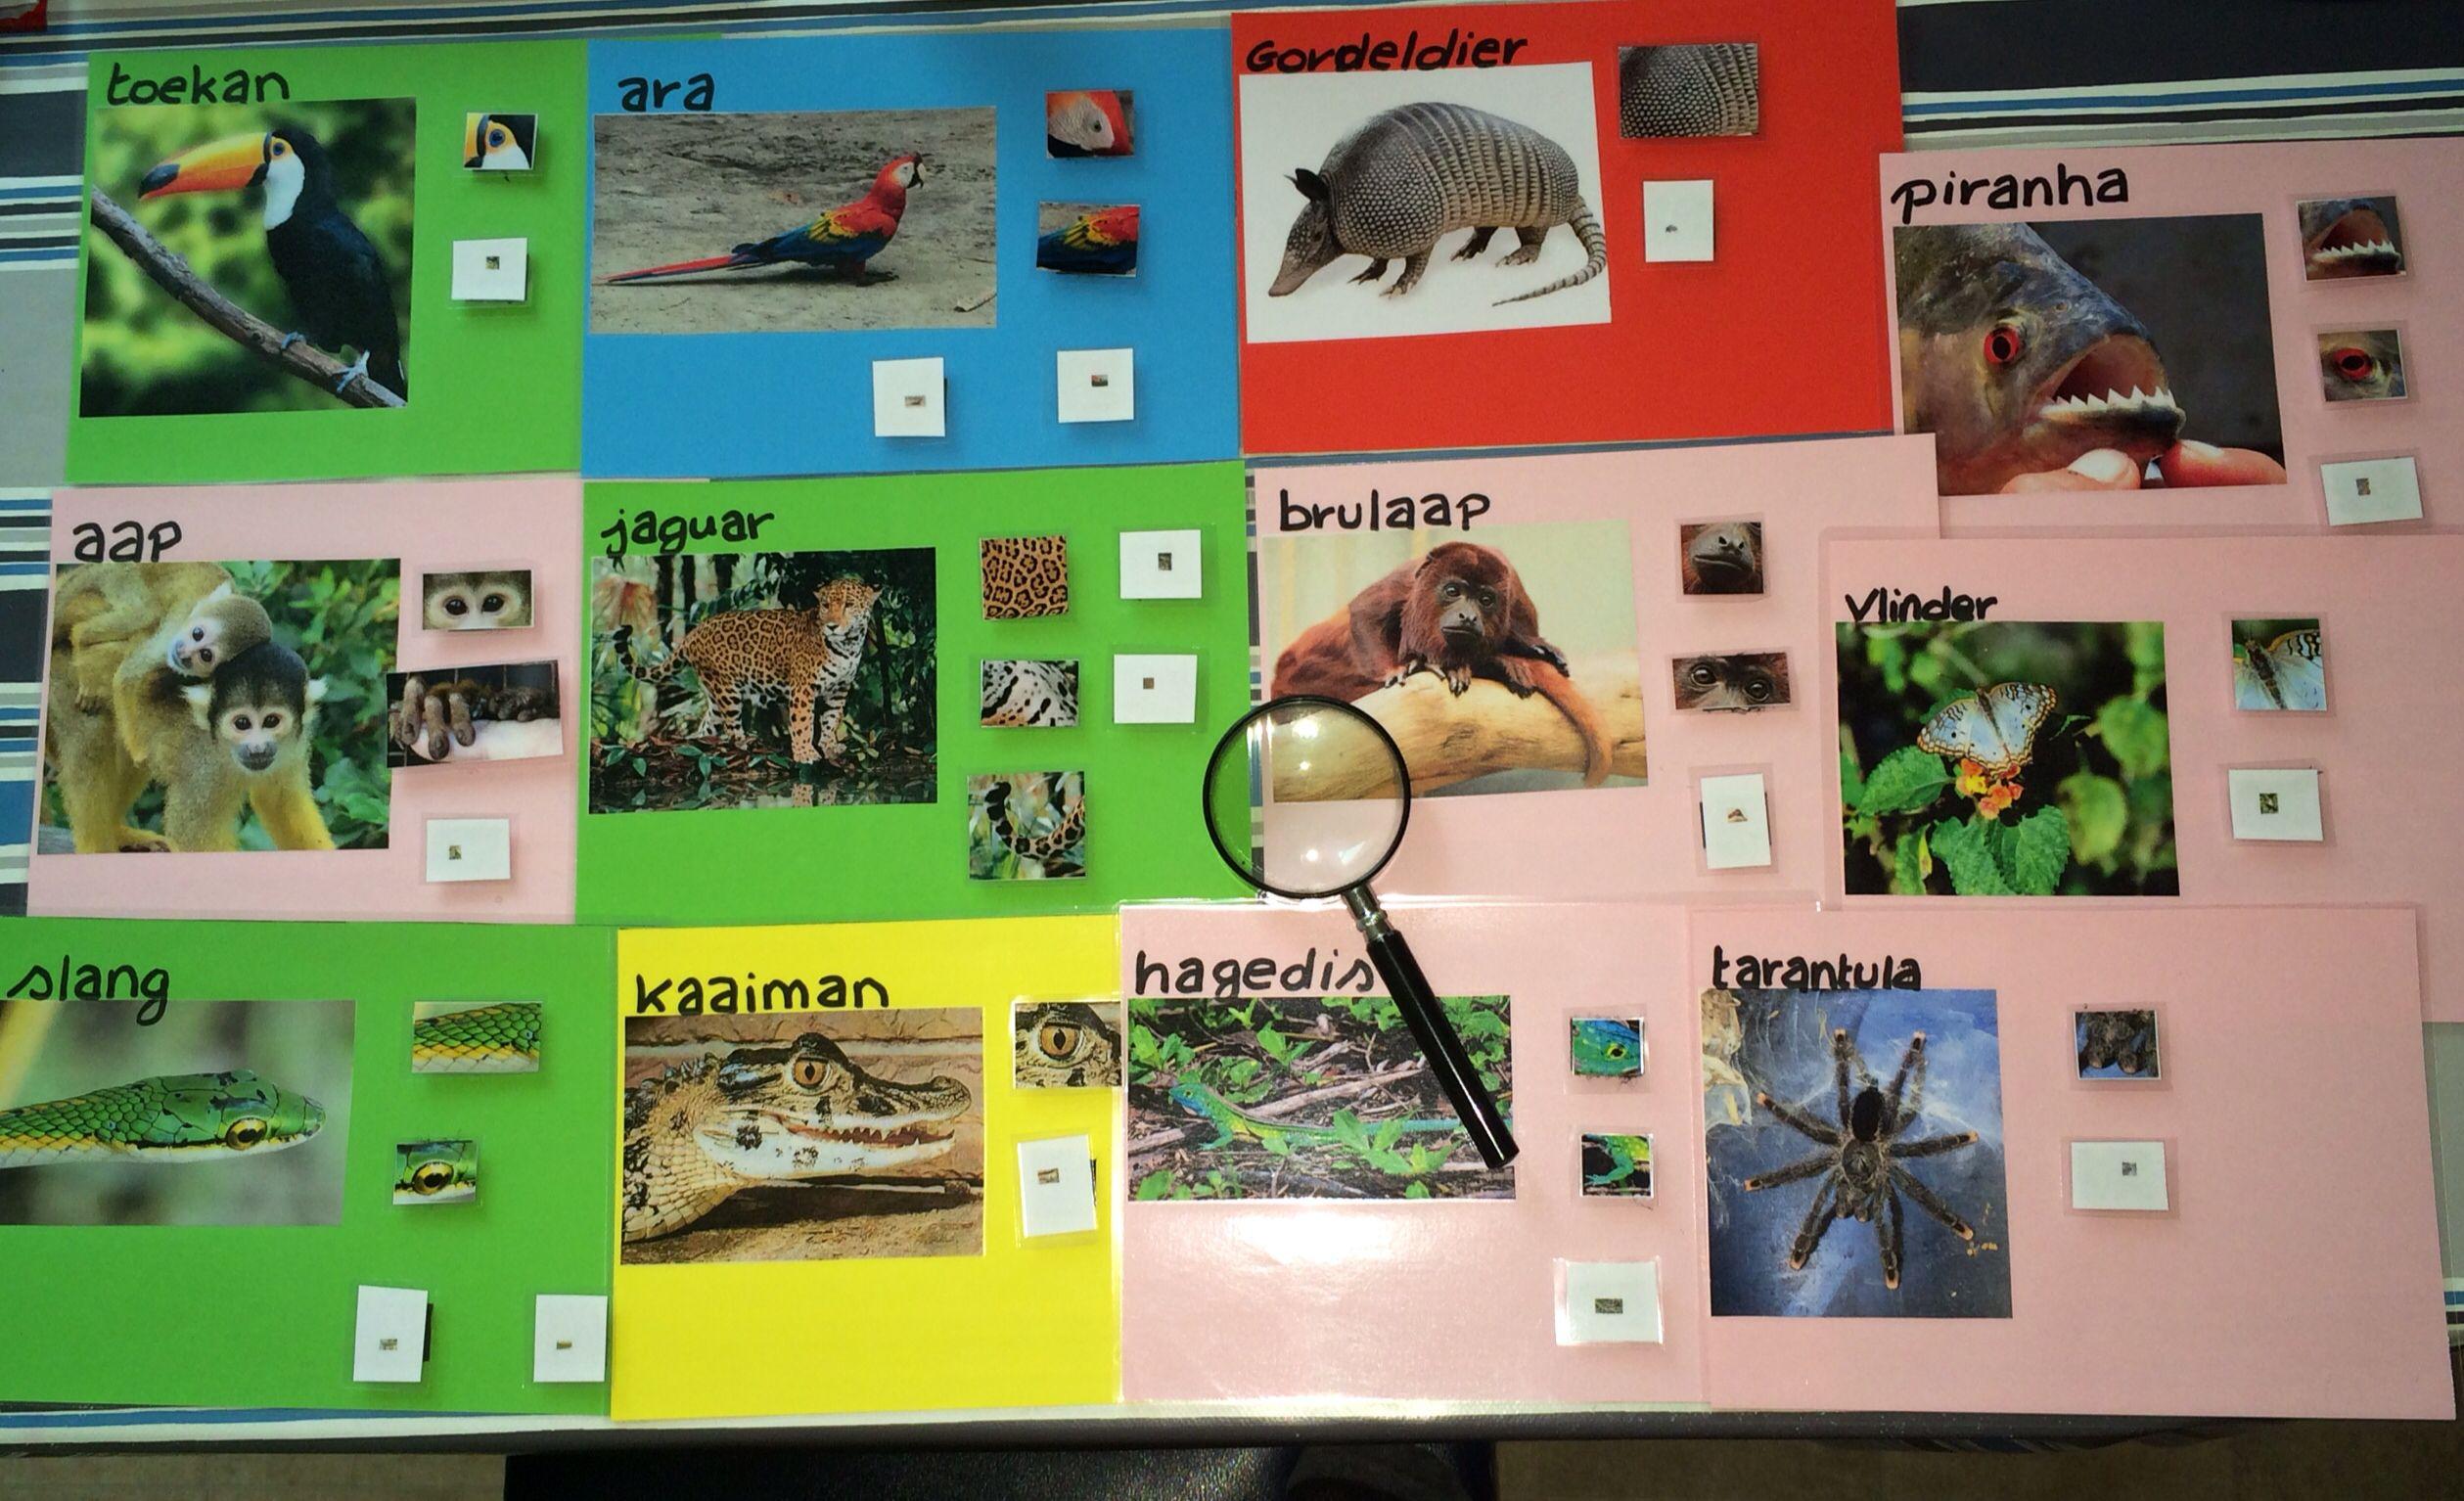 Pin Van Eline Hautekeete Op Thema Suriname Dieren Zoogdieren Thema